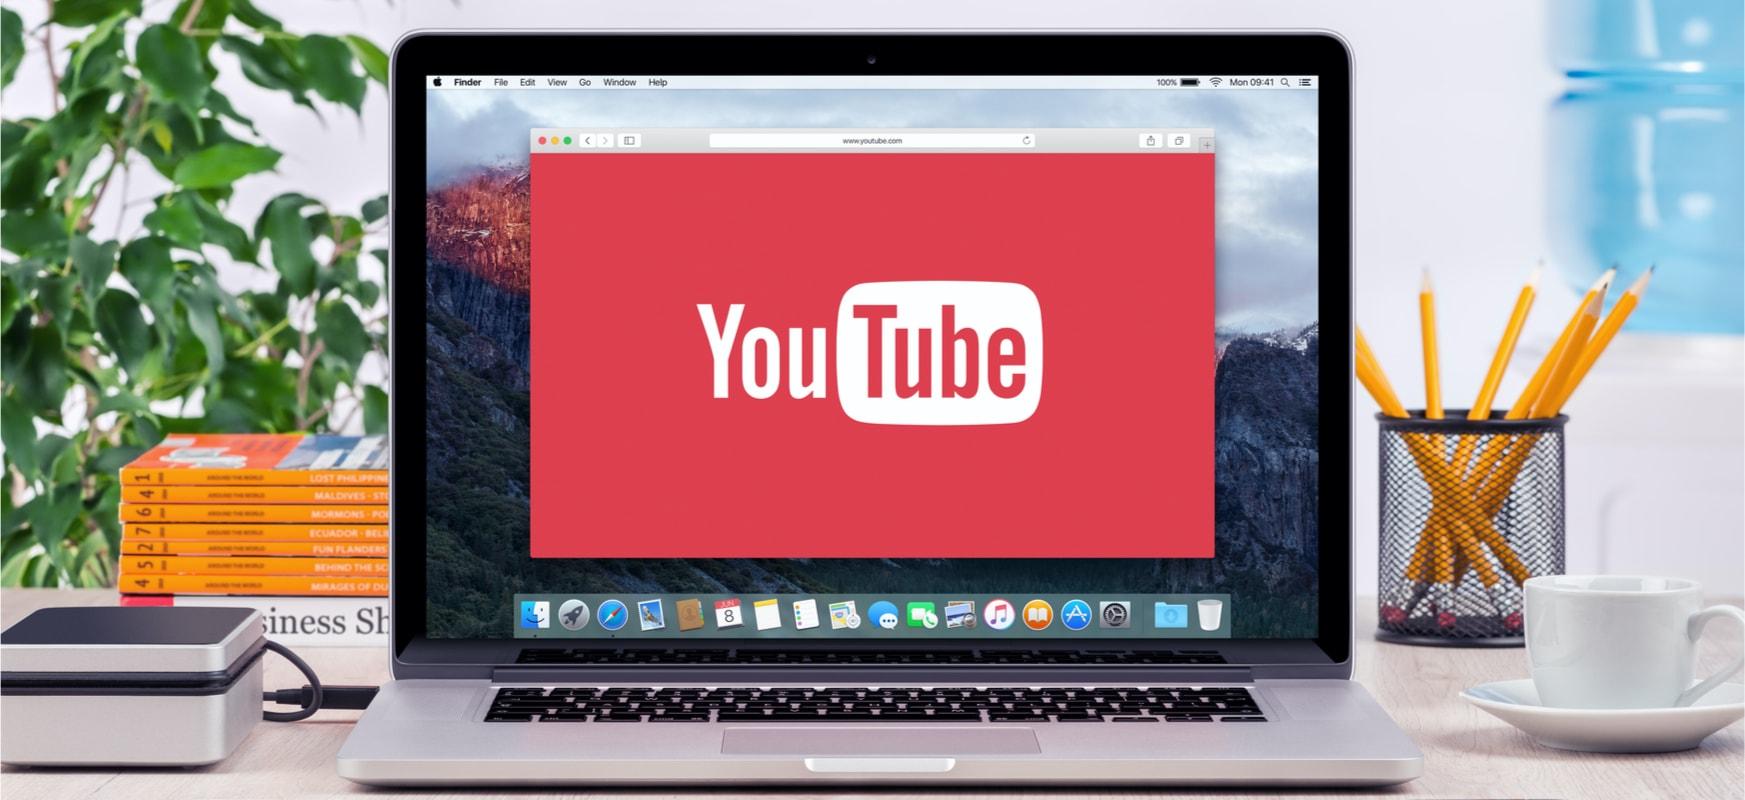 YouTube berritasun bikain batekin.  Kronikoen kapituluak dira